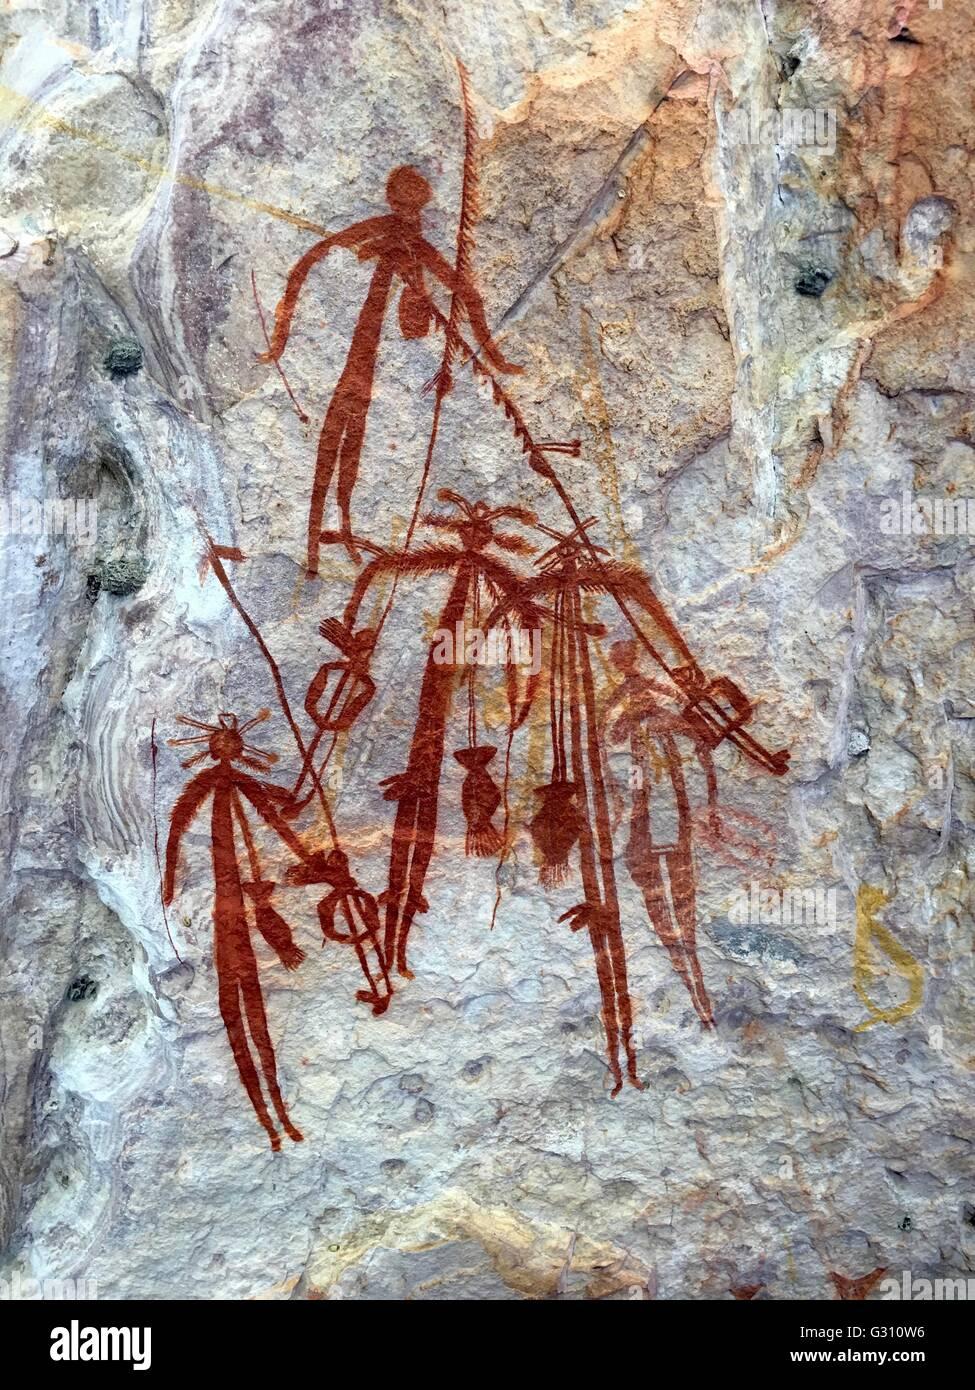 aboriginal-cave-paintings-at-injalak-hil